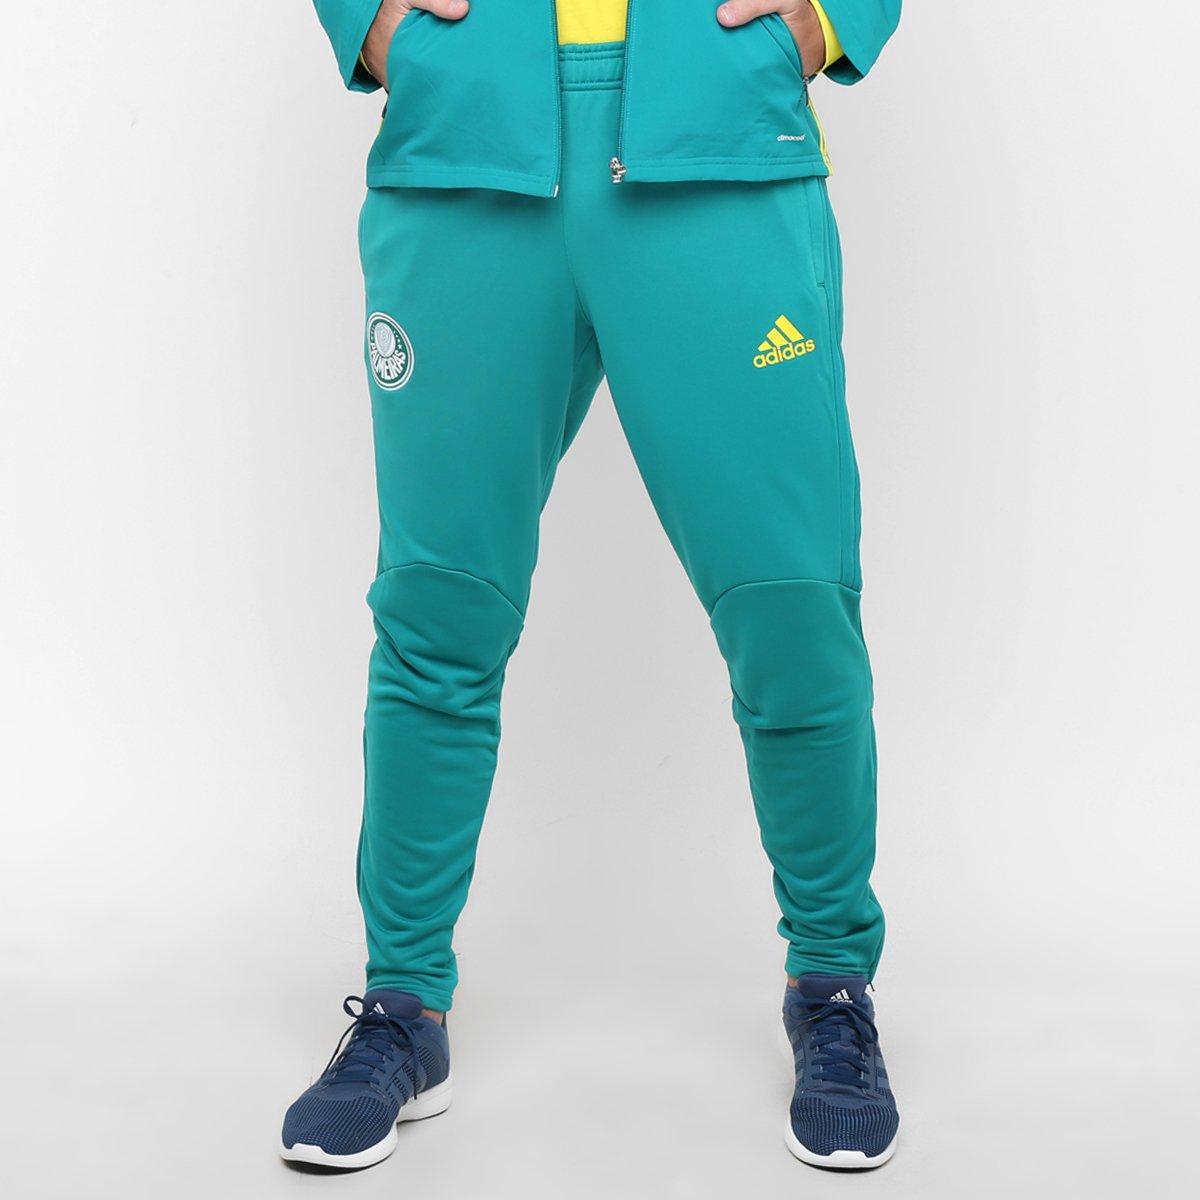 42a2728583 Agasalho Adidas Palmeiras Viagem - Compre Agora